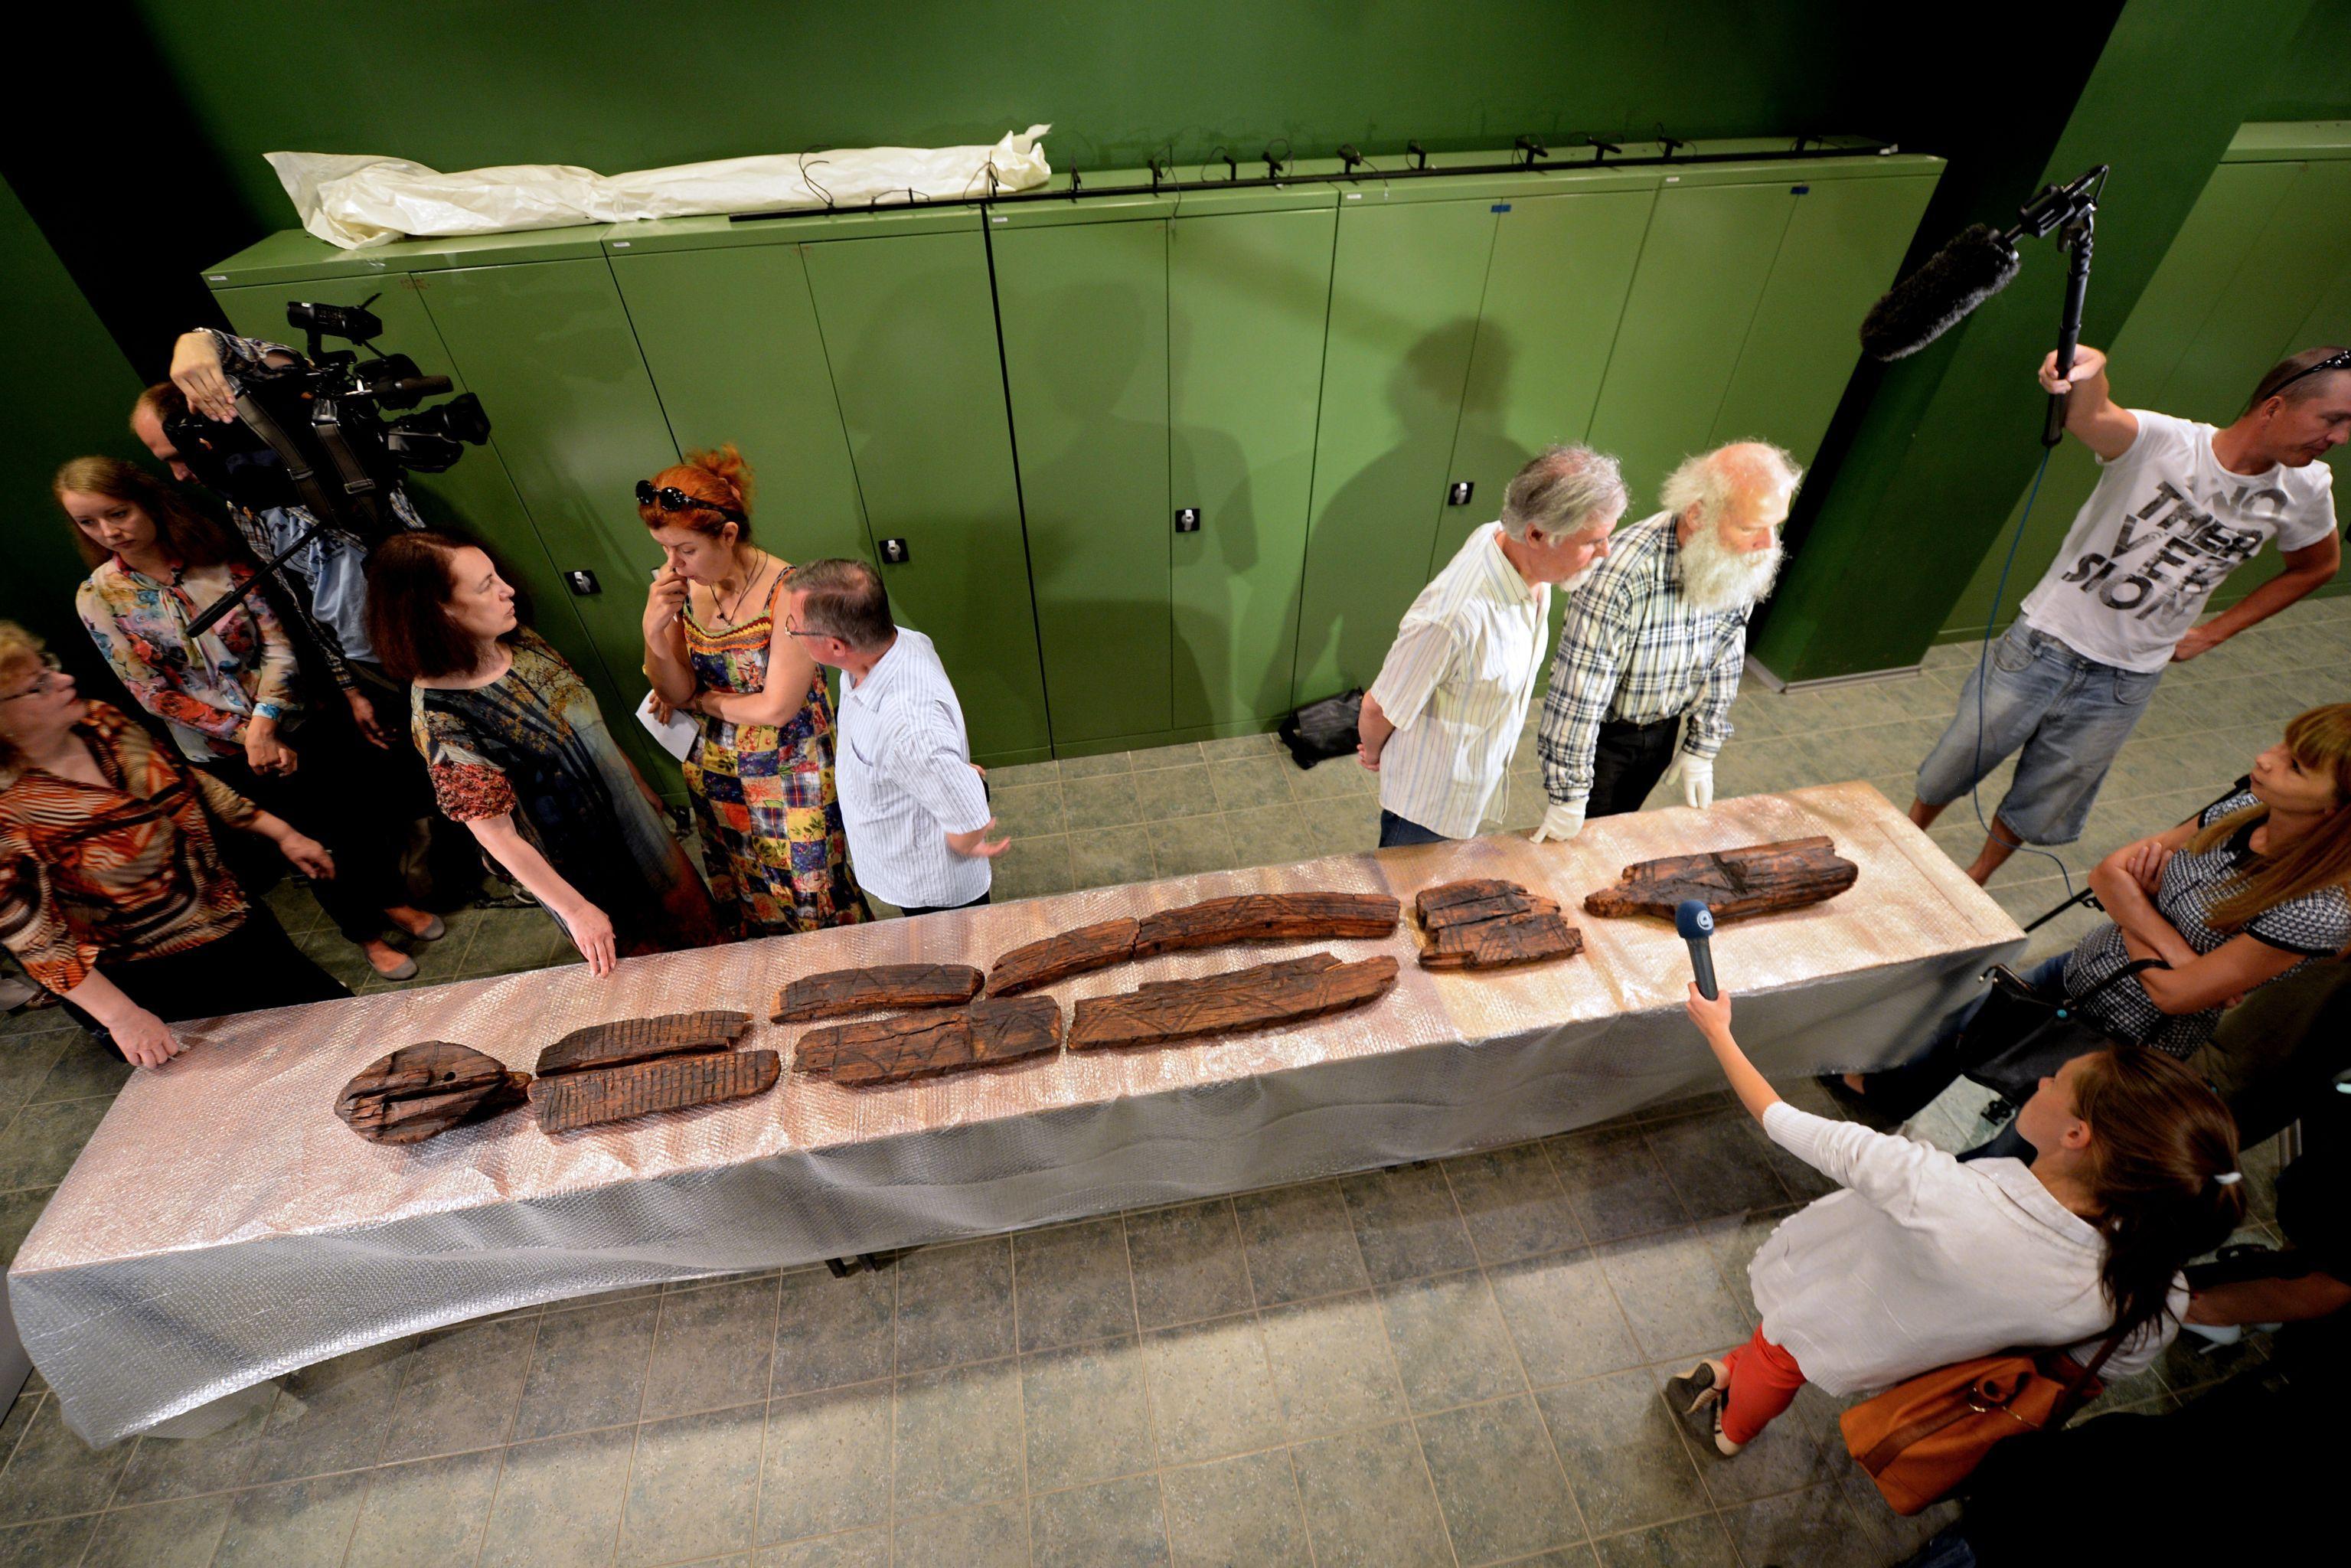 俄罗斯称发现的世界最古老木雕有1.2万年历史比巨石阵还早